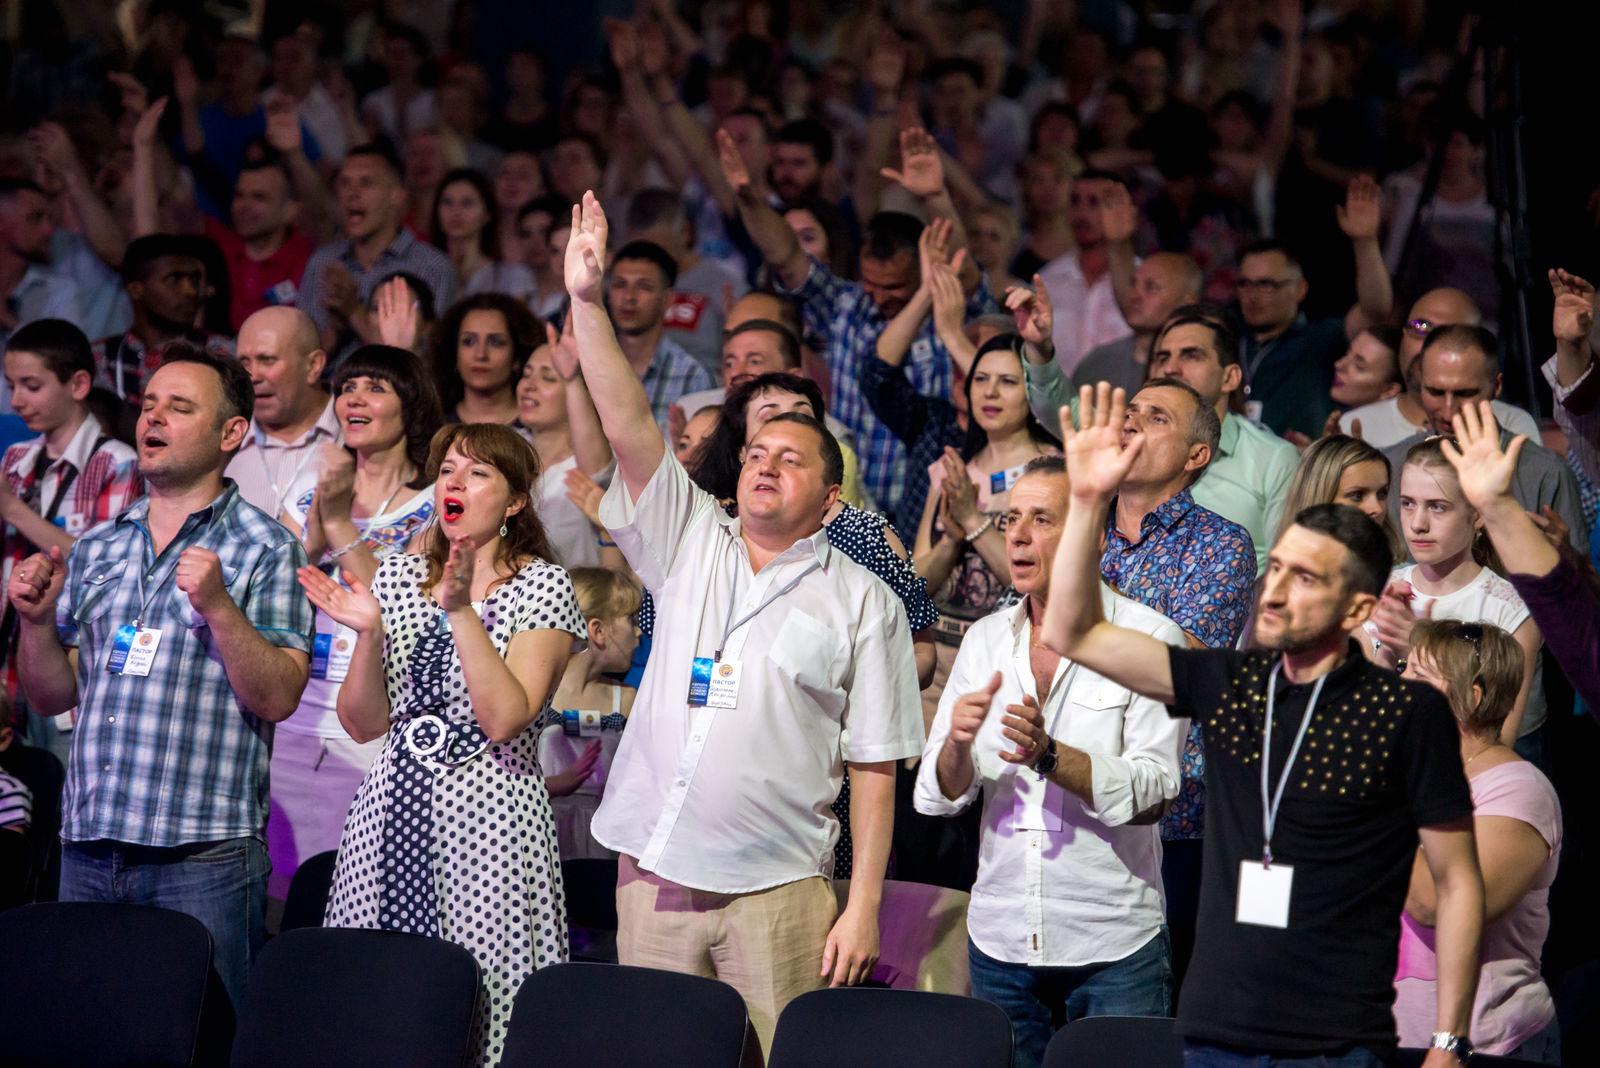 5 травня. Вечірнє зібрання. Доктор Девід Херцог: «Слава Божа плюс сказане слово Боже дорівнює чуду!»